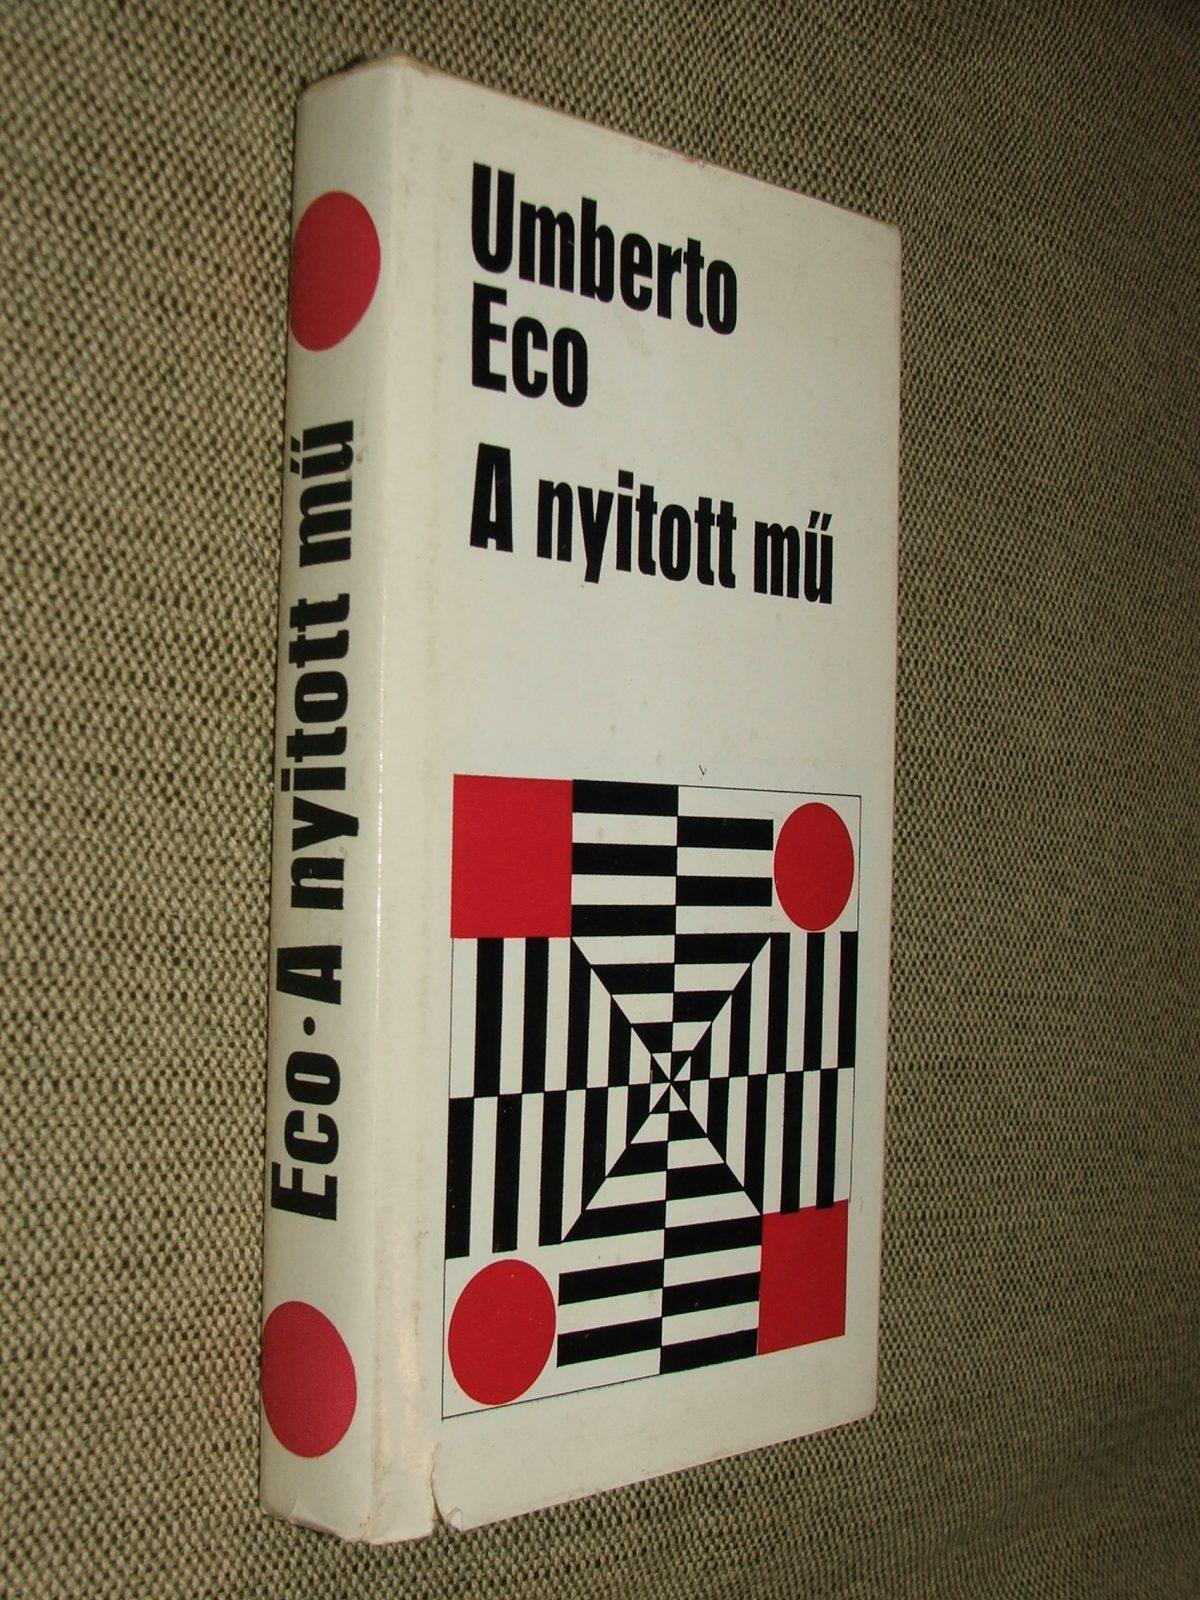 ECO, Umberto: A nyitott mű (Válogatott tanulmányok)